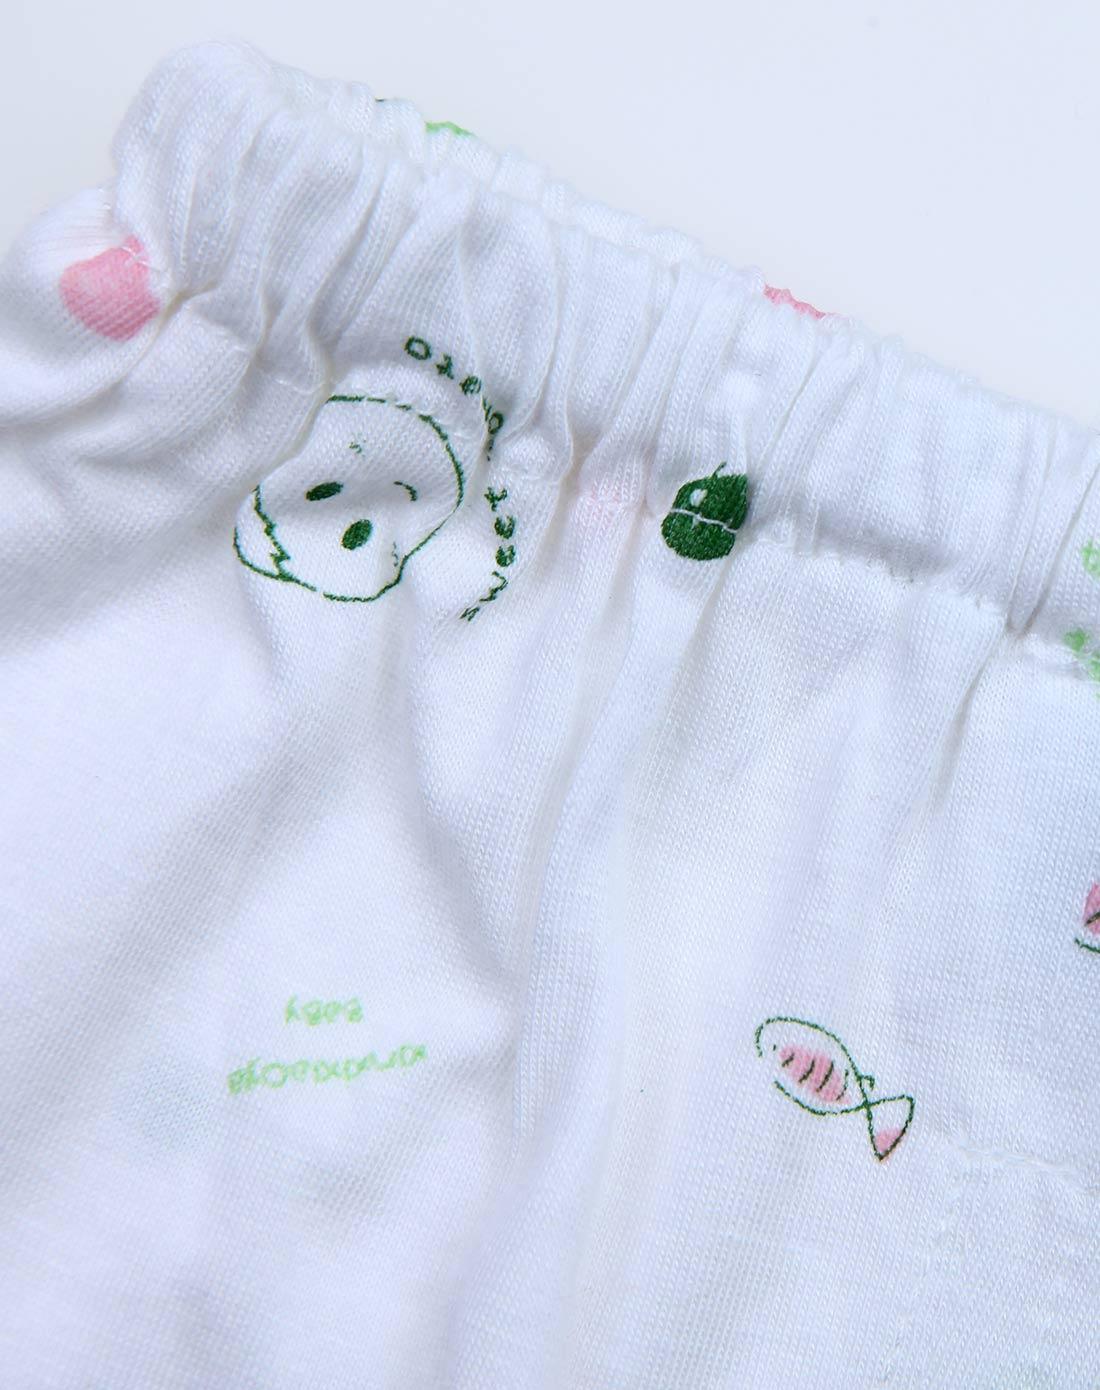 婴儿白底绿笑脸竹纤维单面布桃领全开套